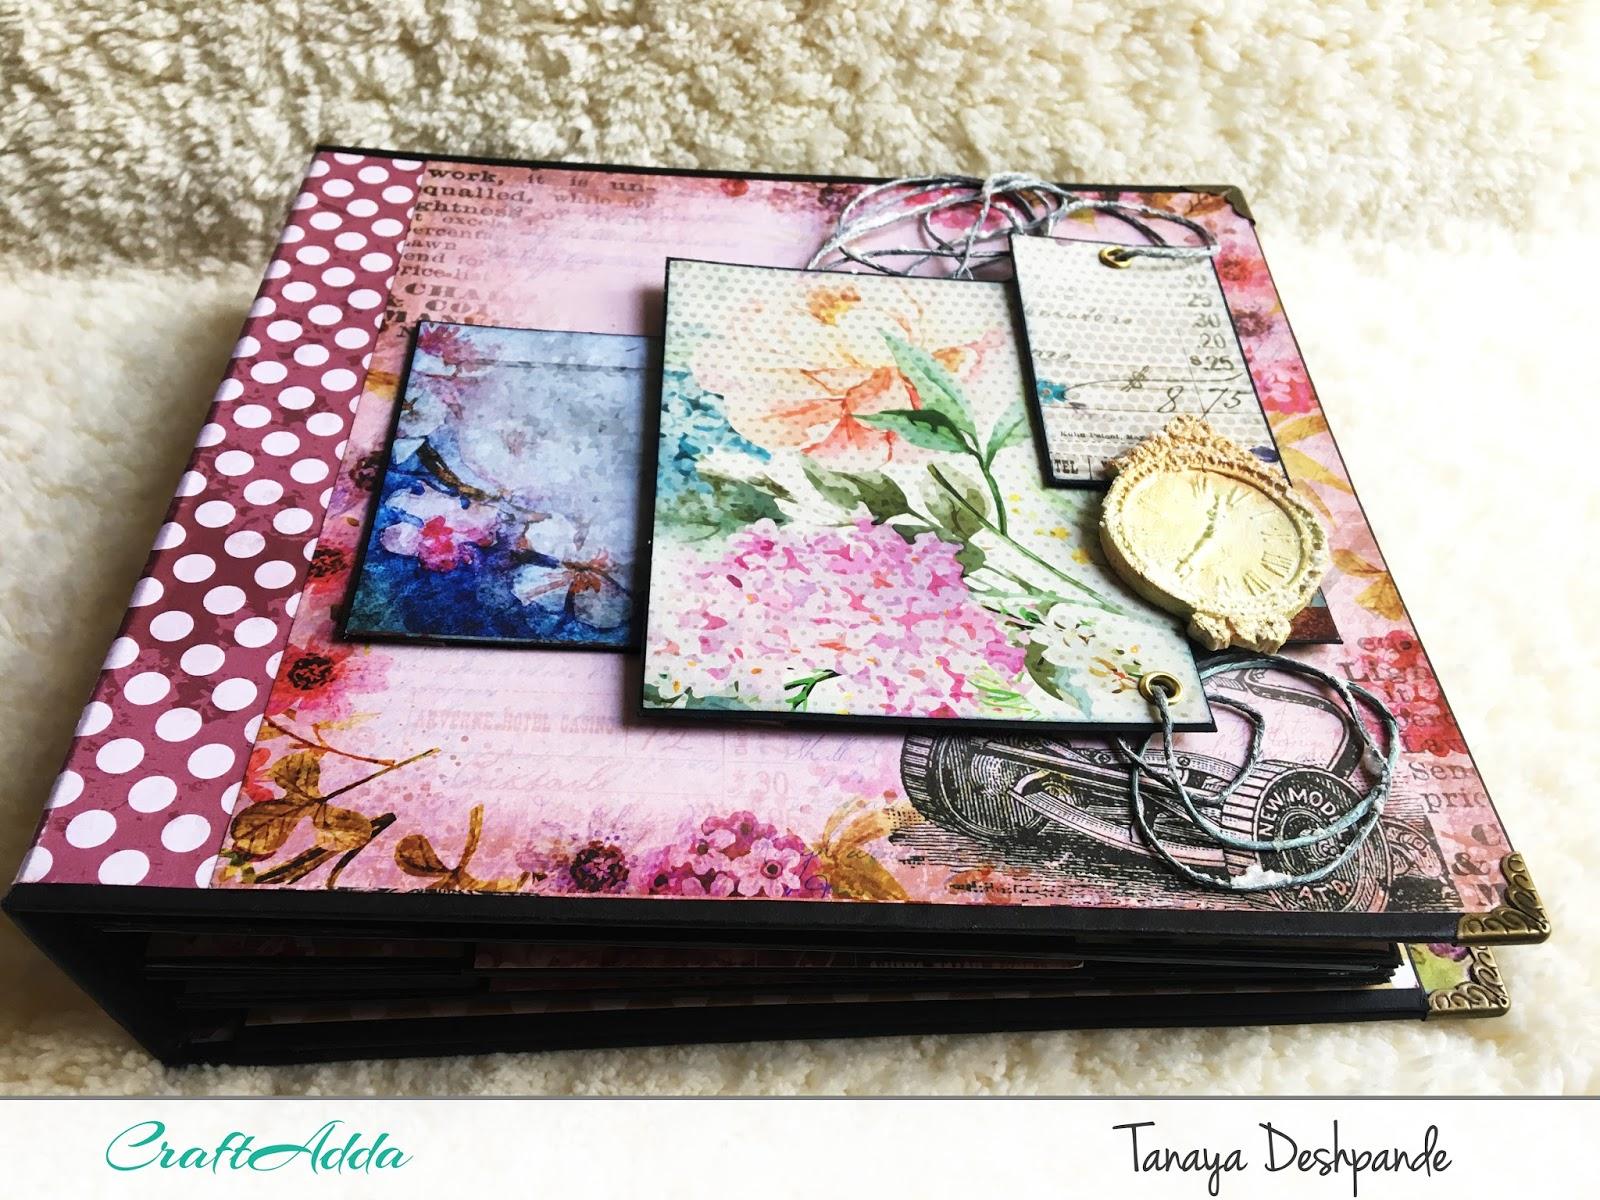 'Floral Elegance' 8*8 mini album by Craftowlz 1